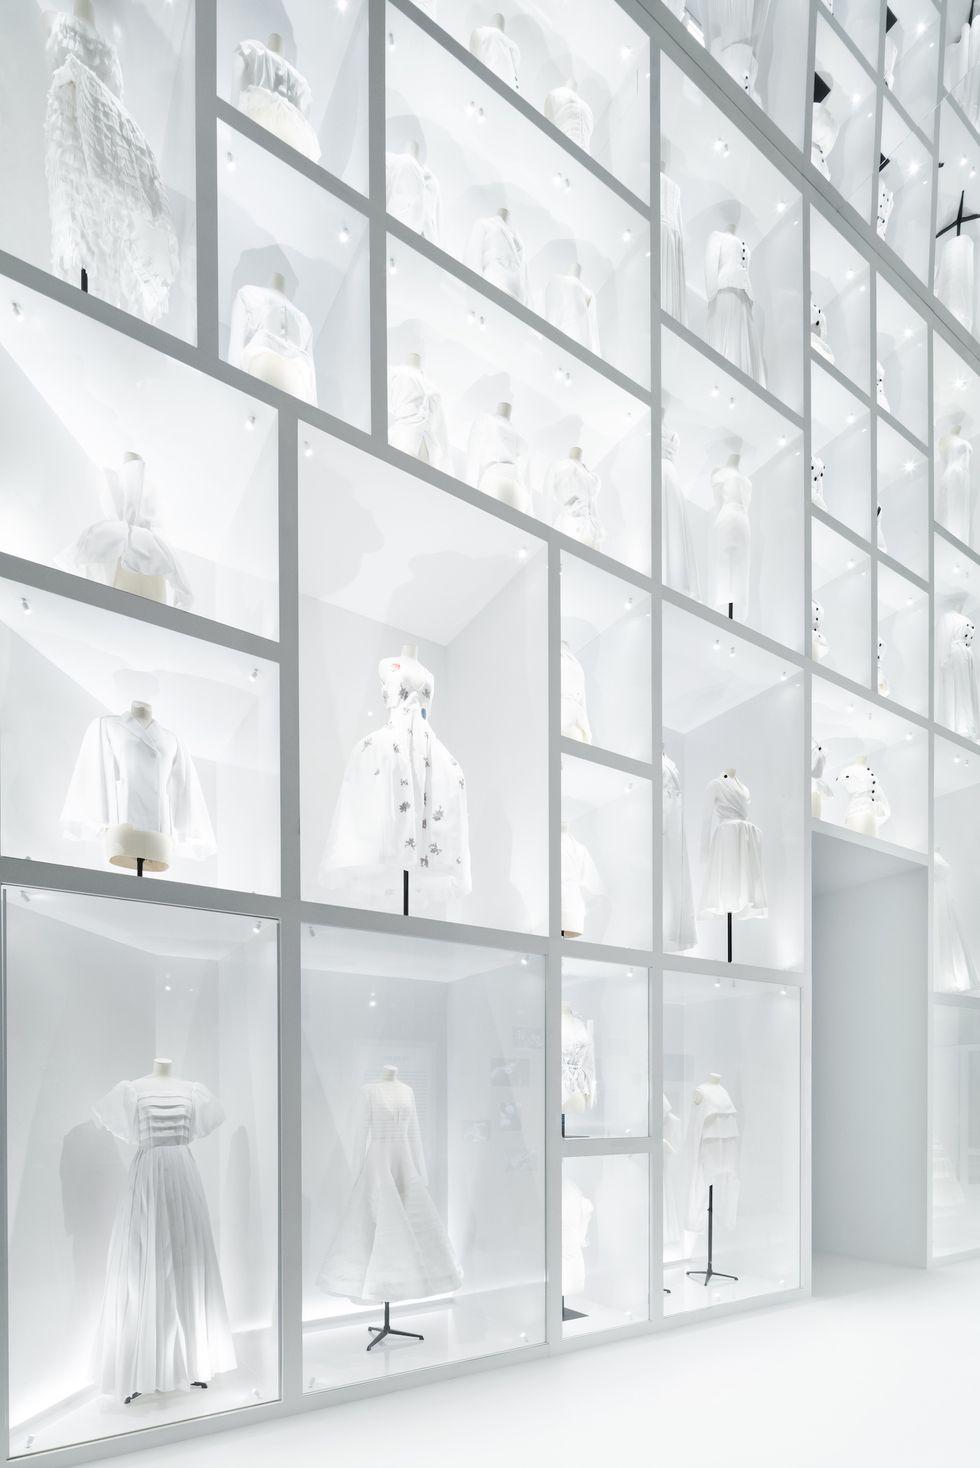 """Những """"thiết kế giấc mơ"""" của Dior được trưng bày lộng lẫy trước công chúng - 3"""